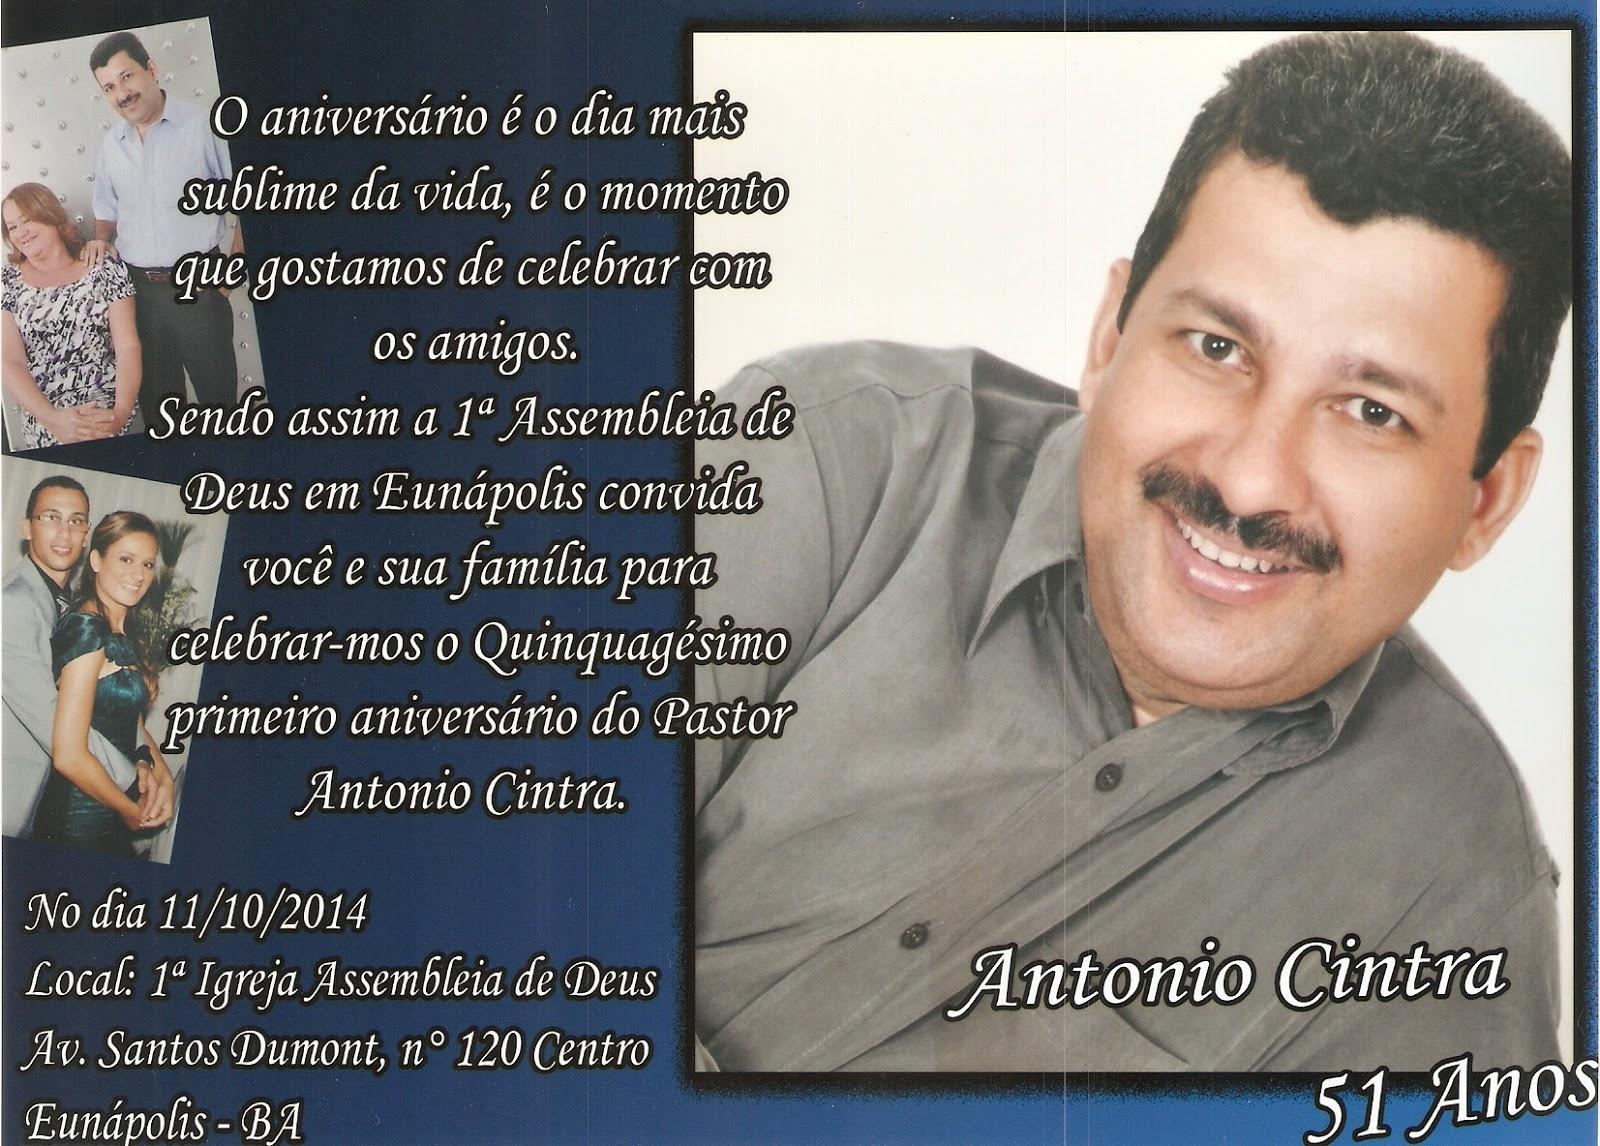 Convite Culto De Ação De Graças Pelo Aniversario Do Pastor Antônio